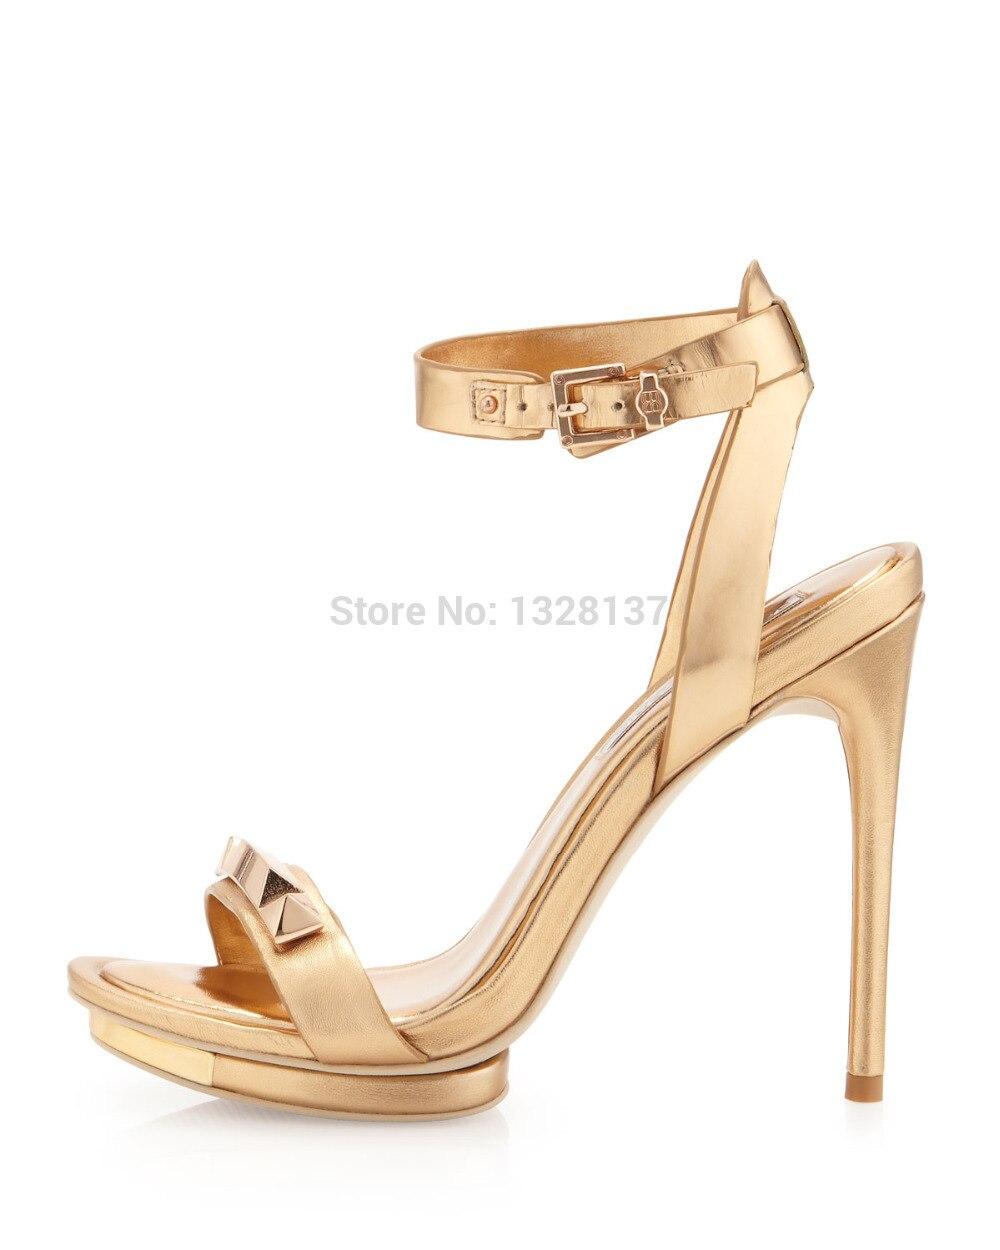 Online Get Cheap Cheap Gold Heels -Aliexpress.com | Alibaba Group